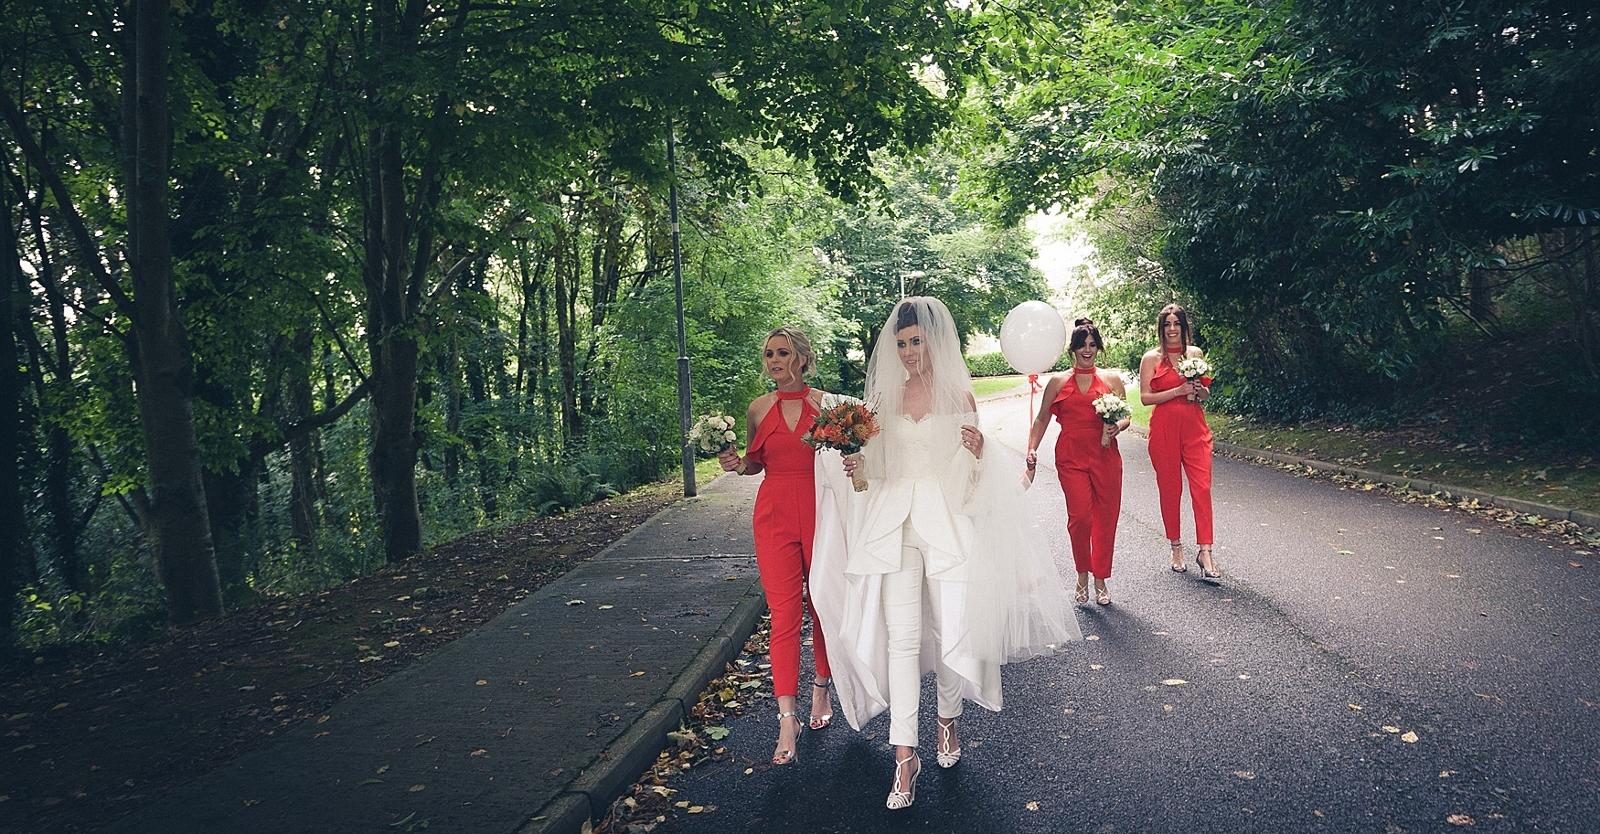 The Fashion-Forward Bride: Mary T + Genie's Trendsetting Wedding